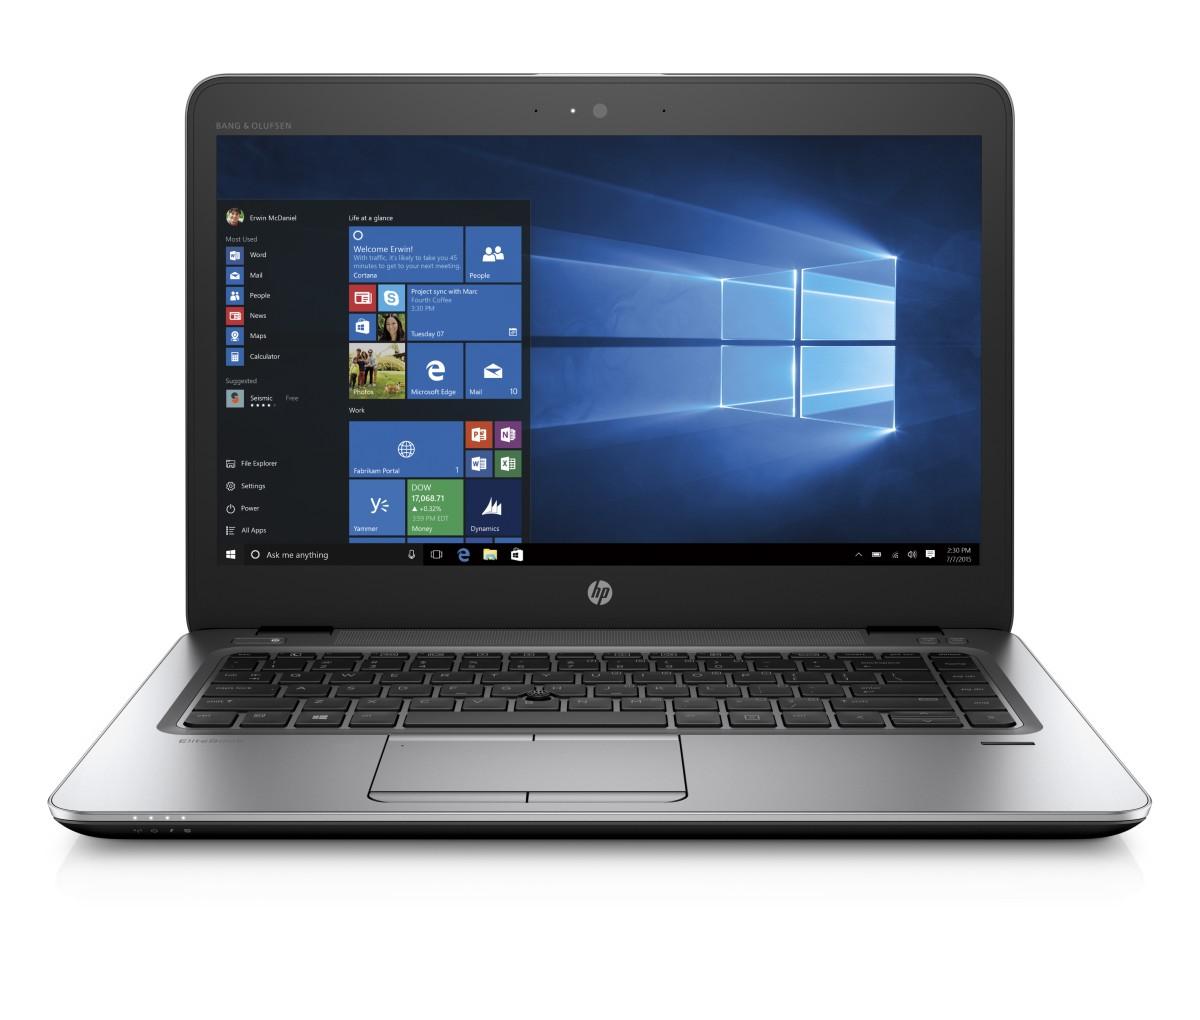 """HP EliteBook 840 G4 i7-7500U/8GB/512GB SSD + 2,5'' slot/14"""" FHD/ backlit keyb /Win 10 Pro"""